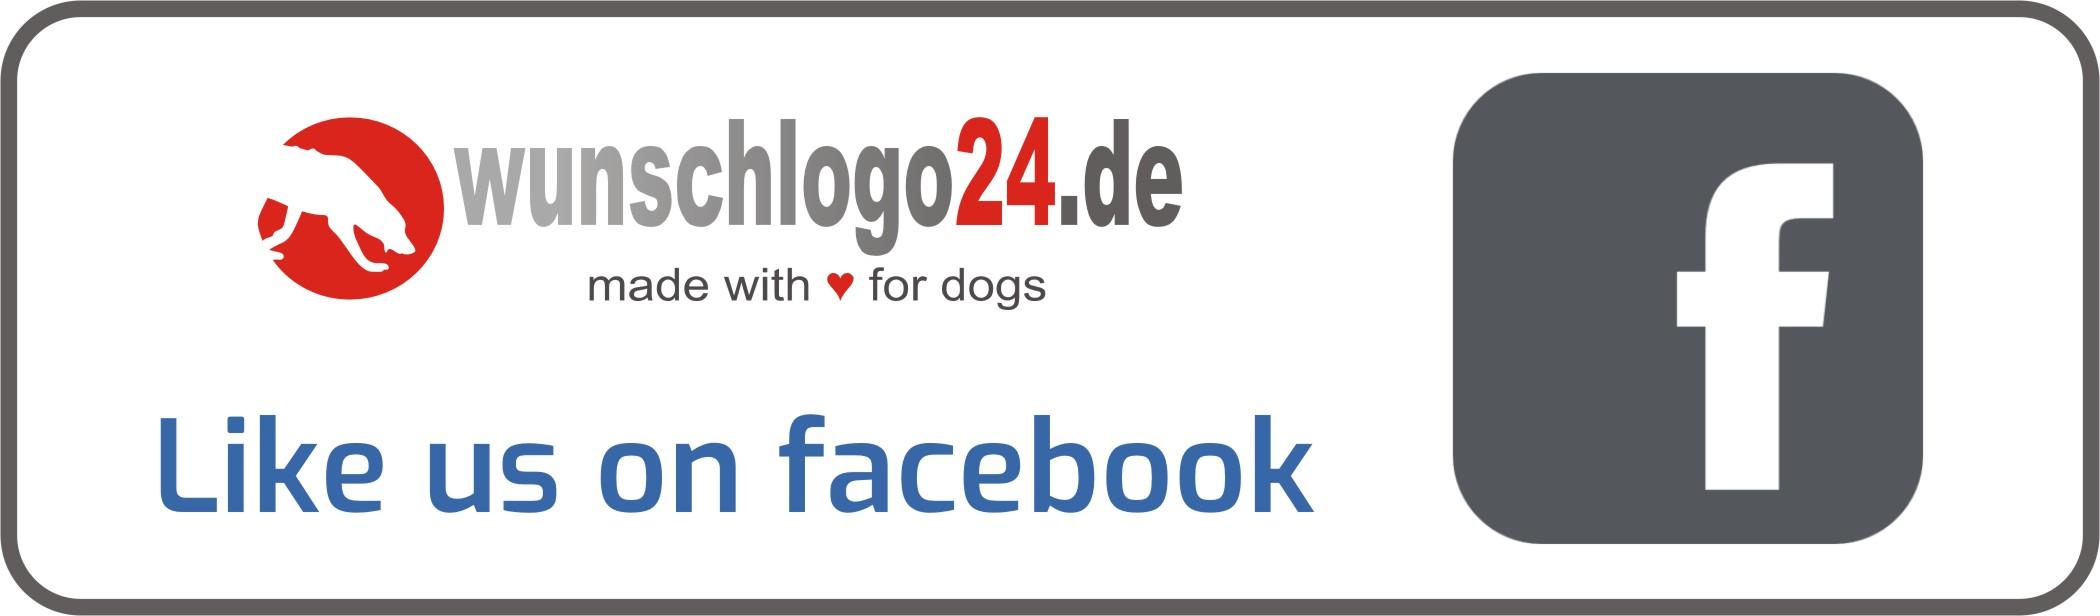 Wunschlogo24.de Facebook